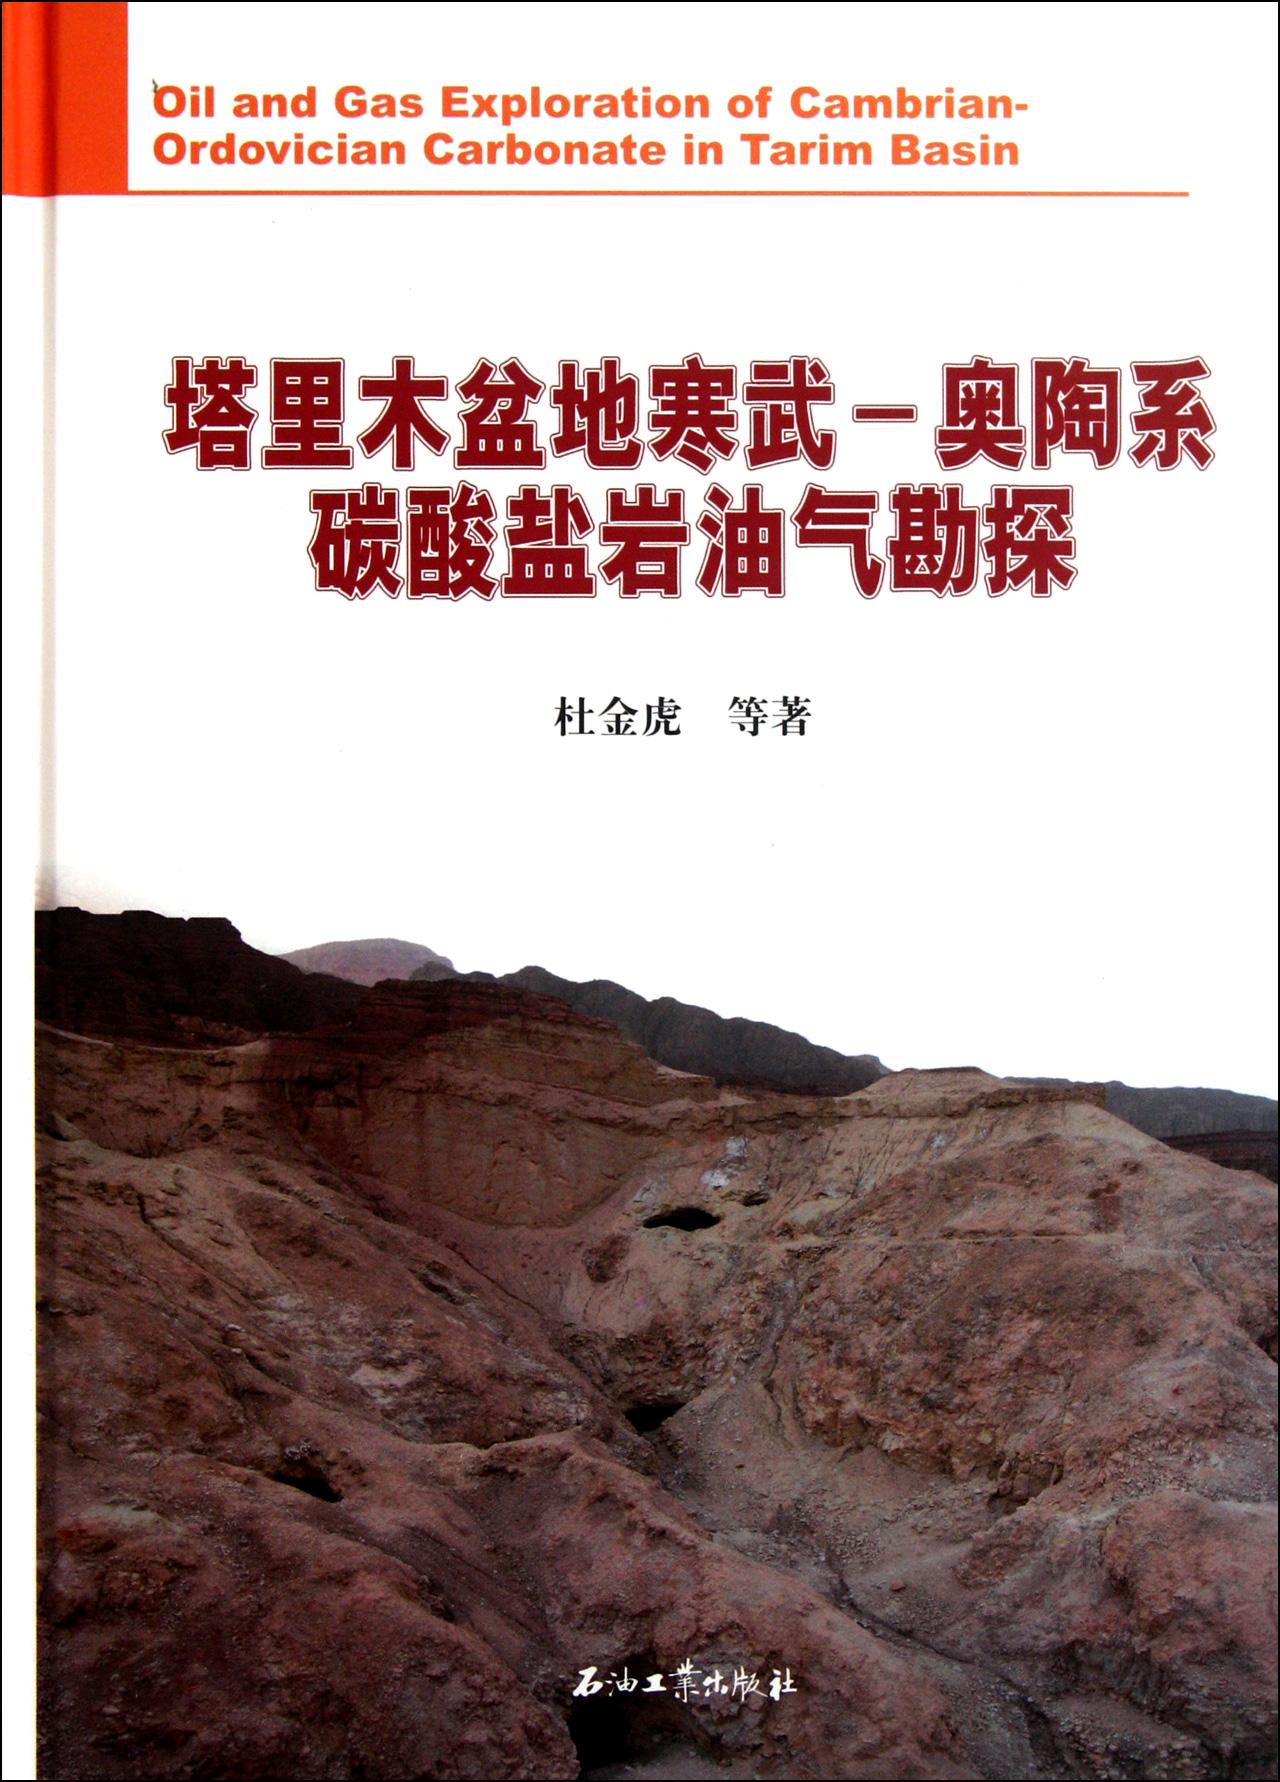 塔里木盆地寒武-奥陶系碳酸盐岩油气勘探(精)